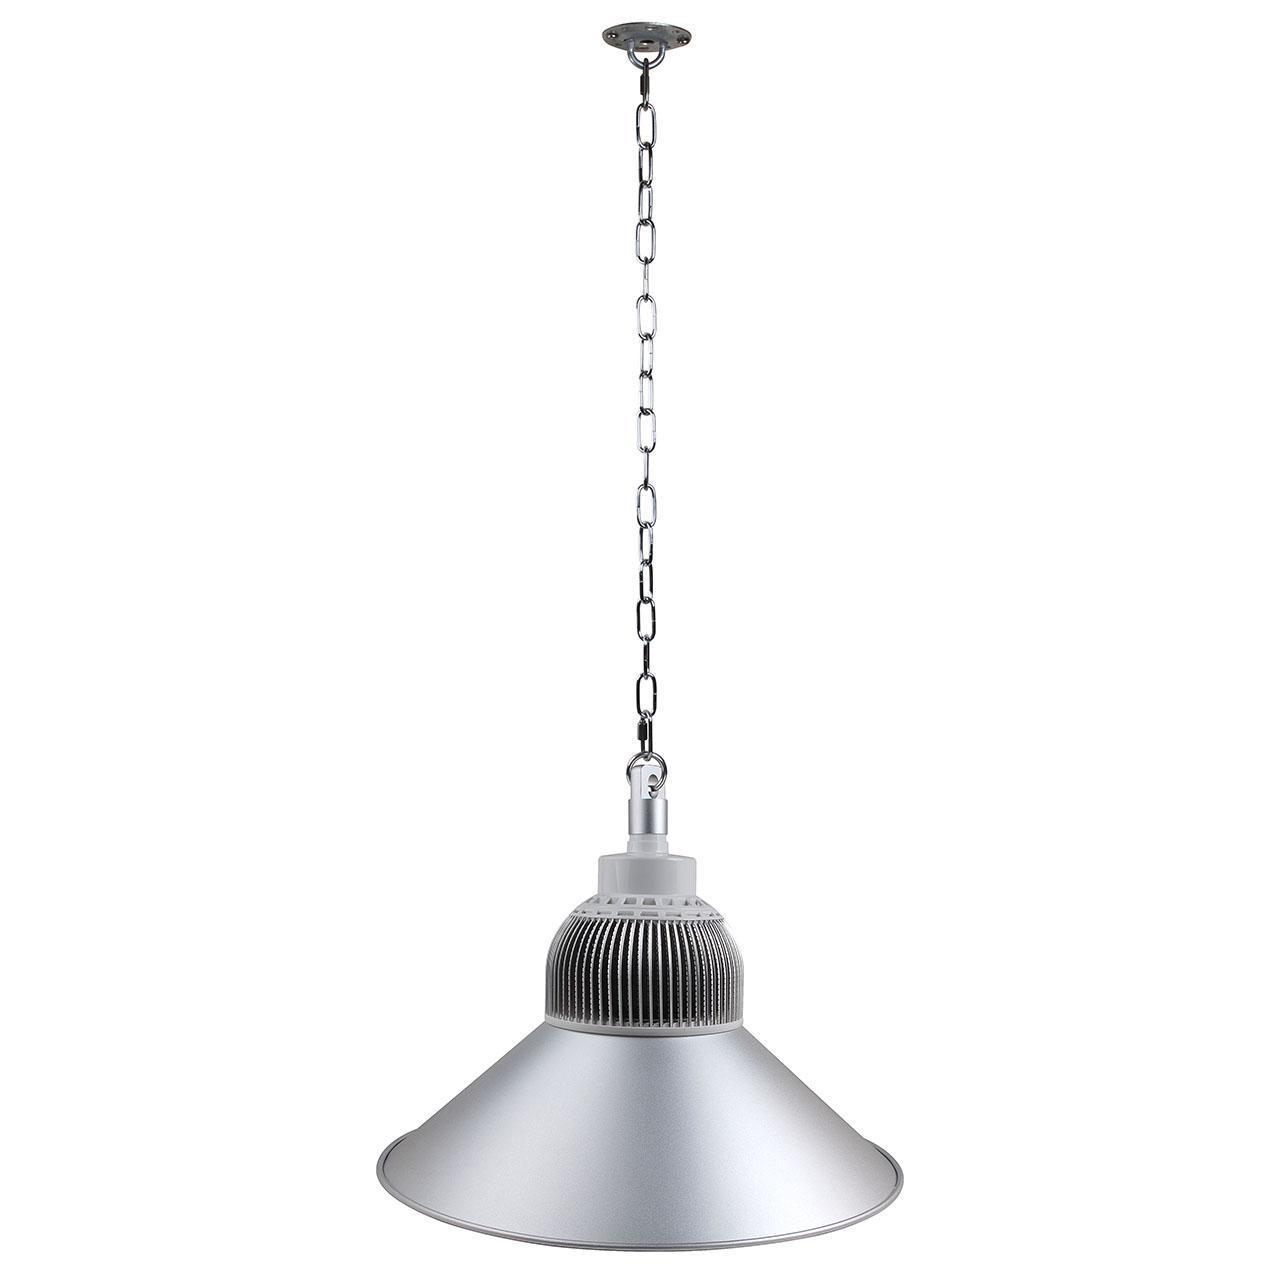 Подвесной светодиодный светильник Horoz Atlas 063-001-0100 (HL517L)